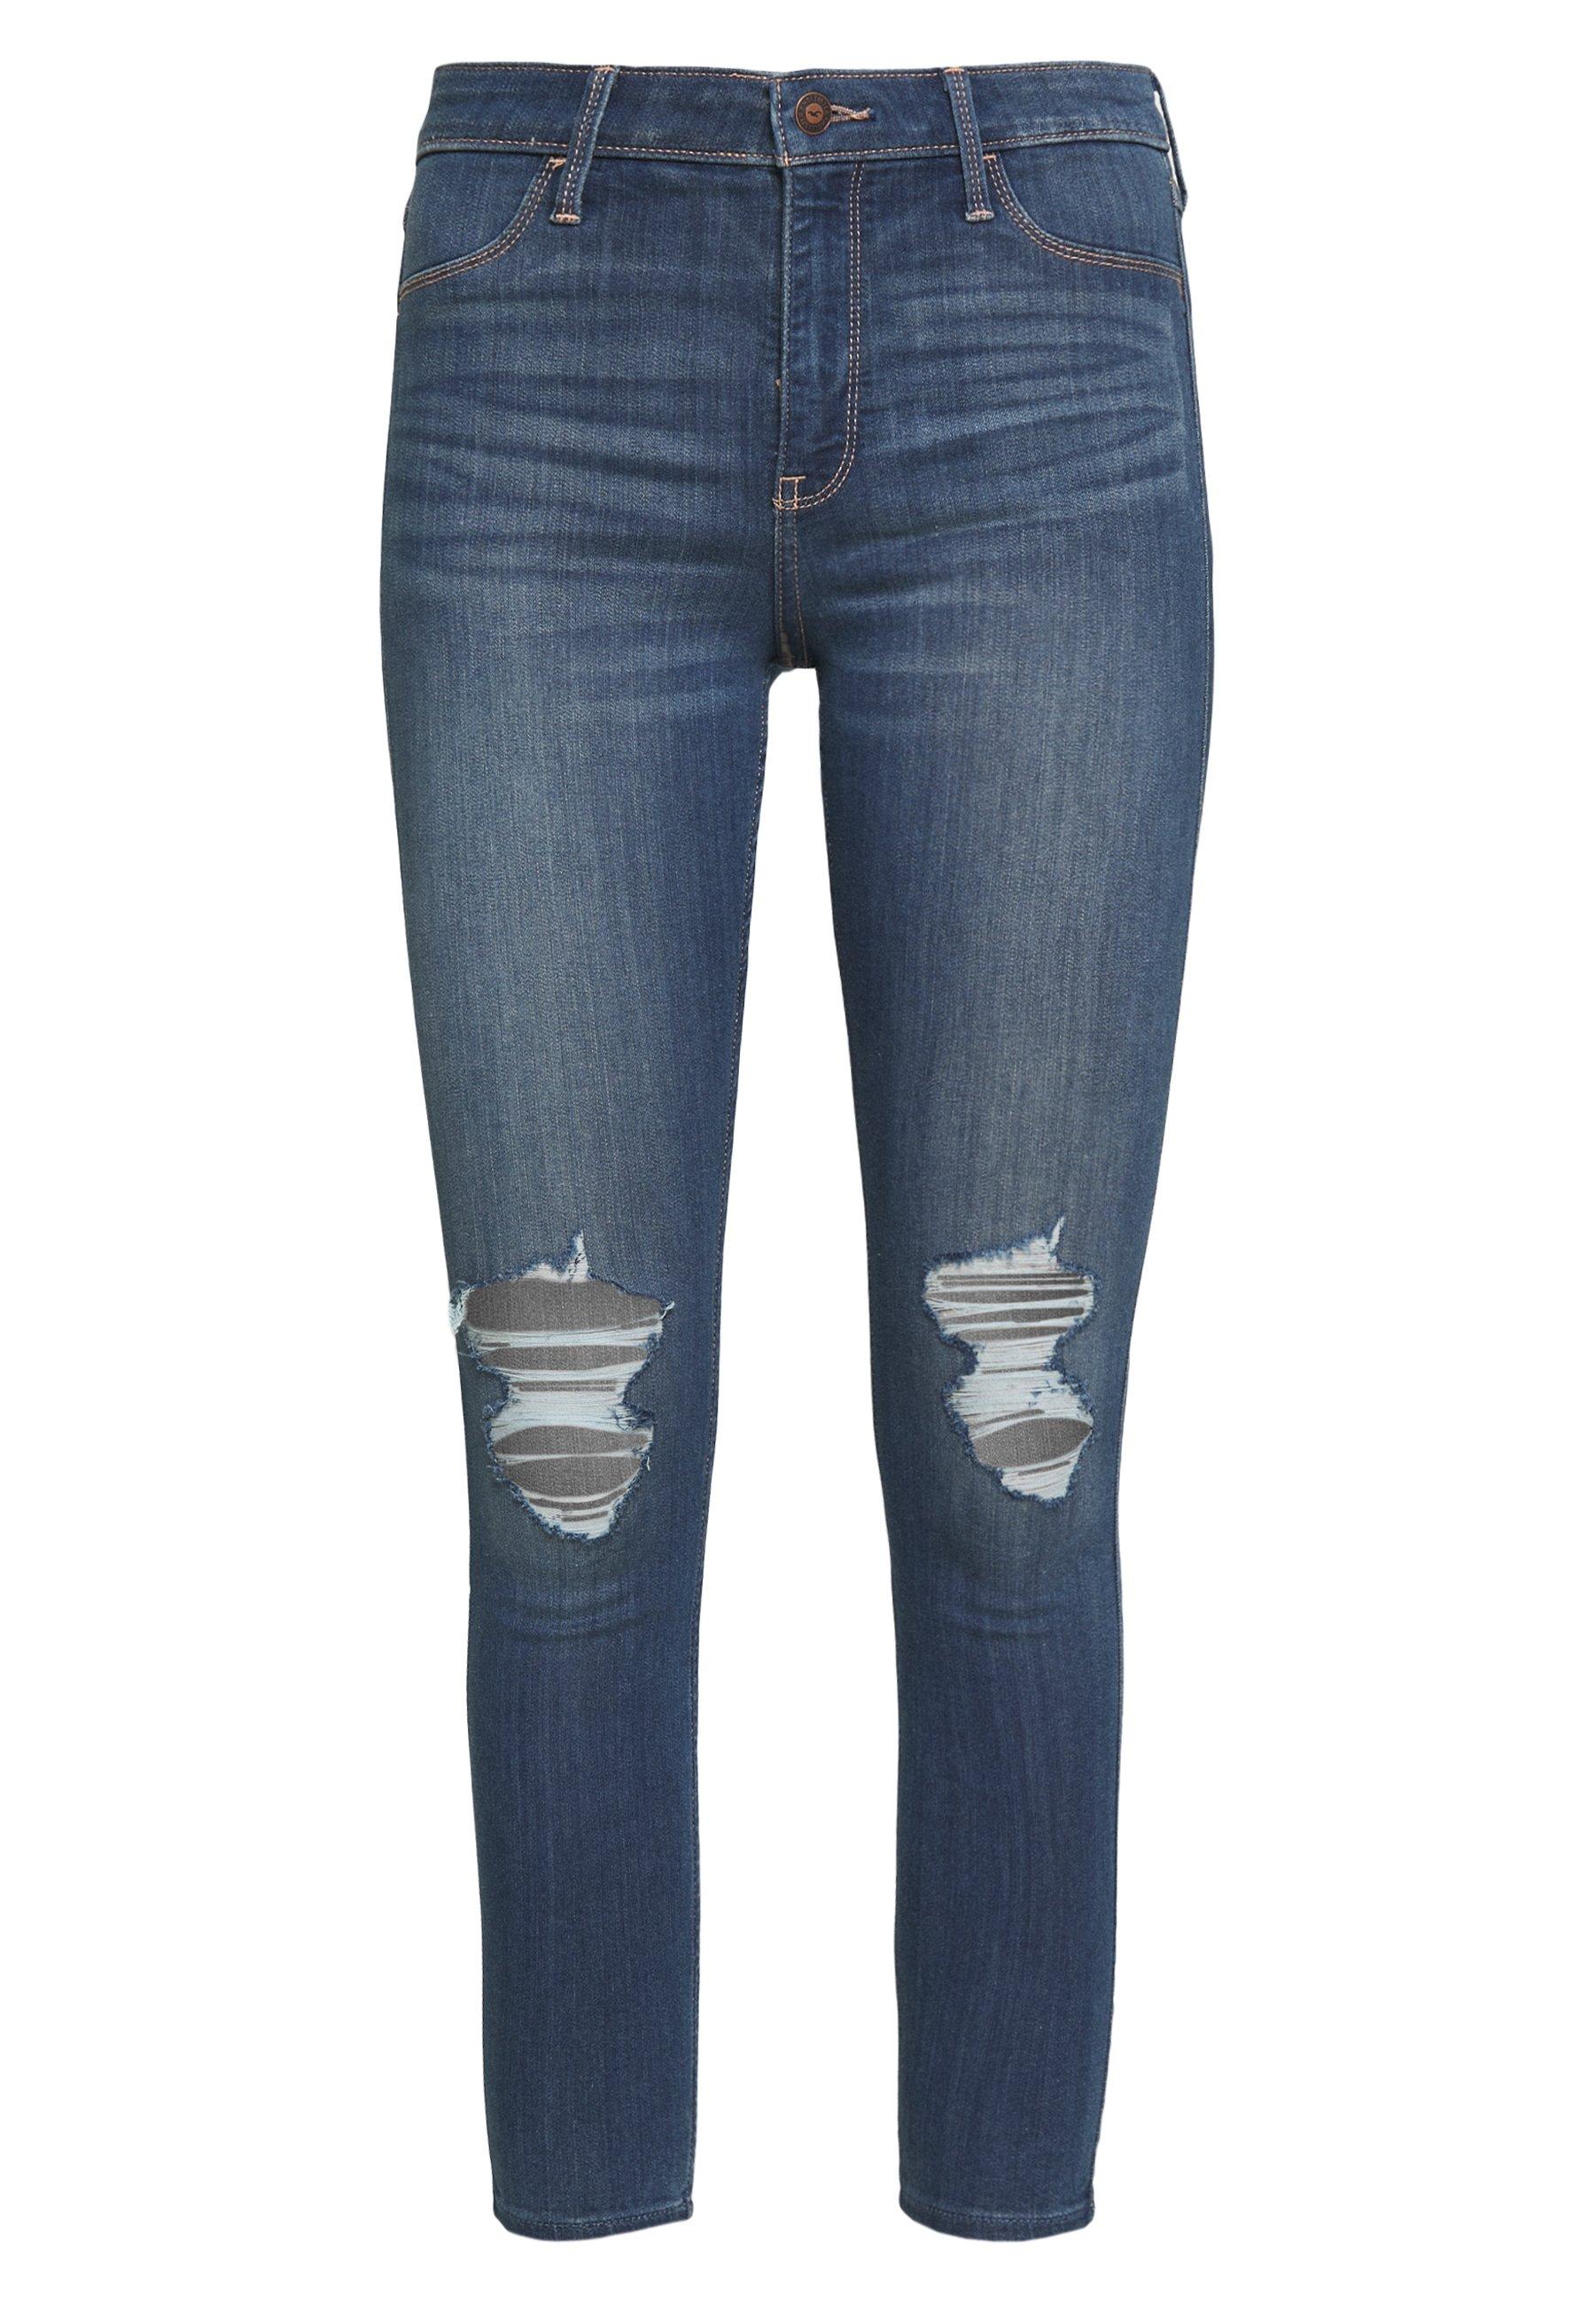 Hollister Co. Jeans Skinny Fit - Dark Blue 0x2q5